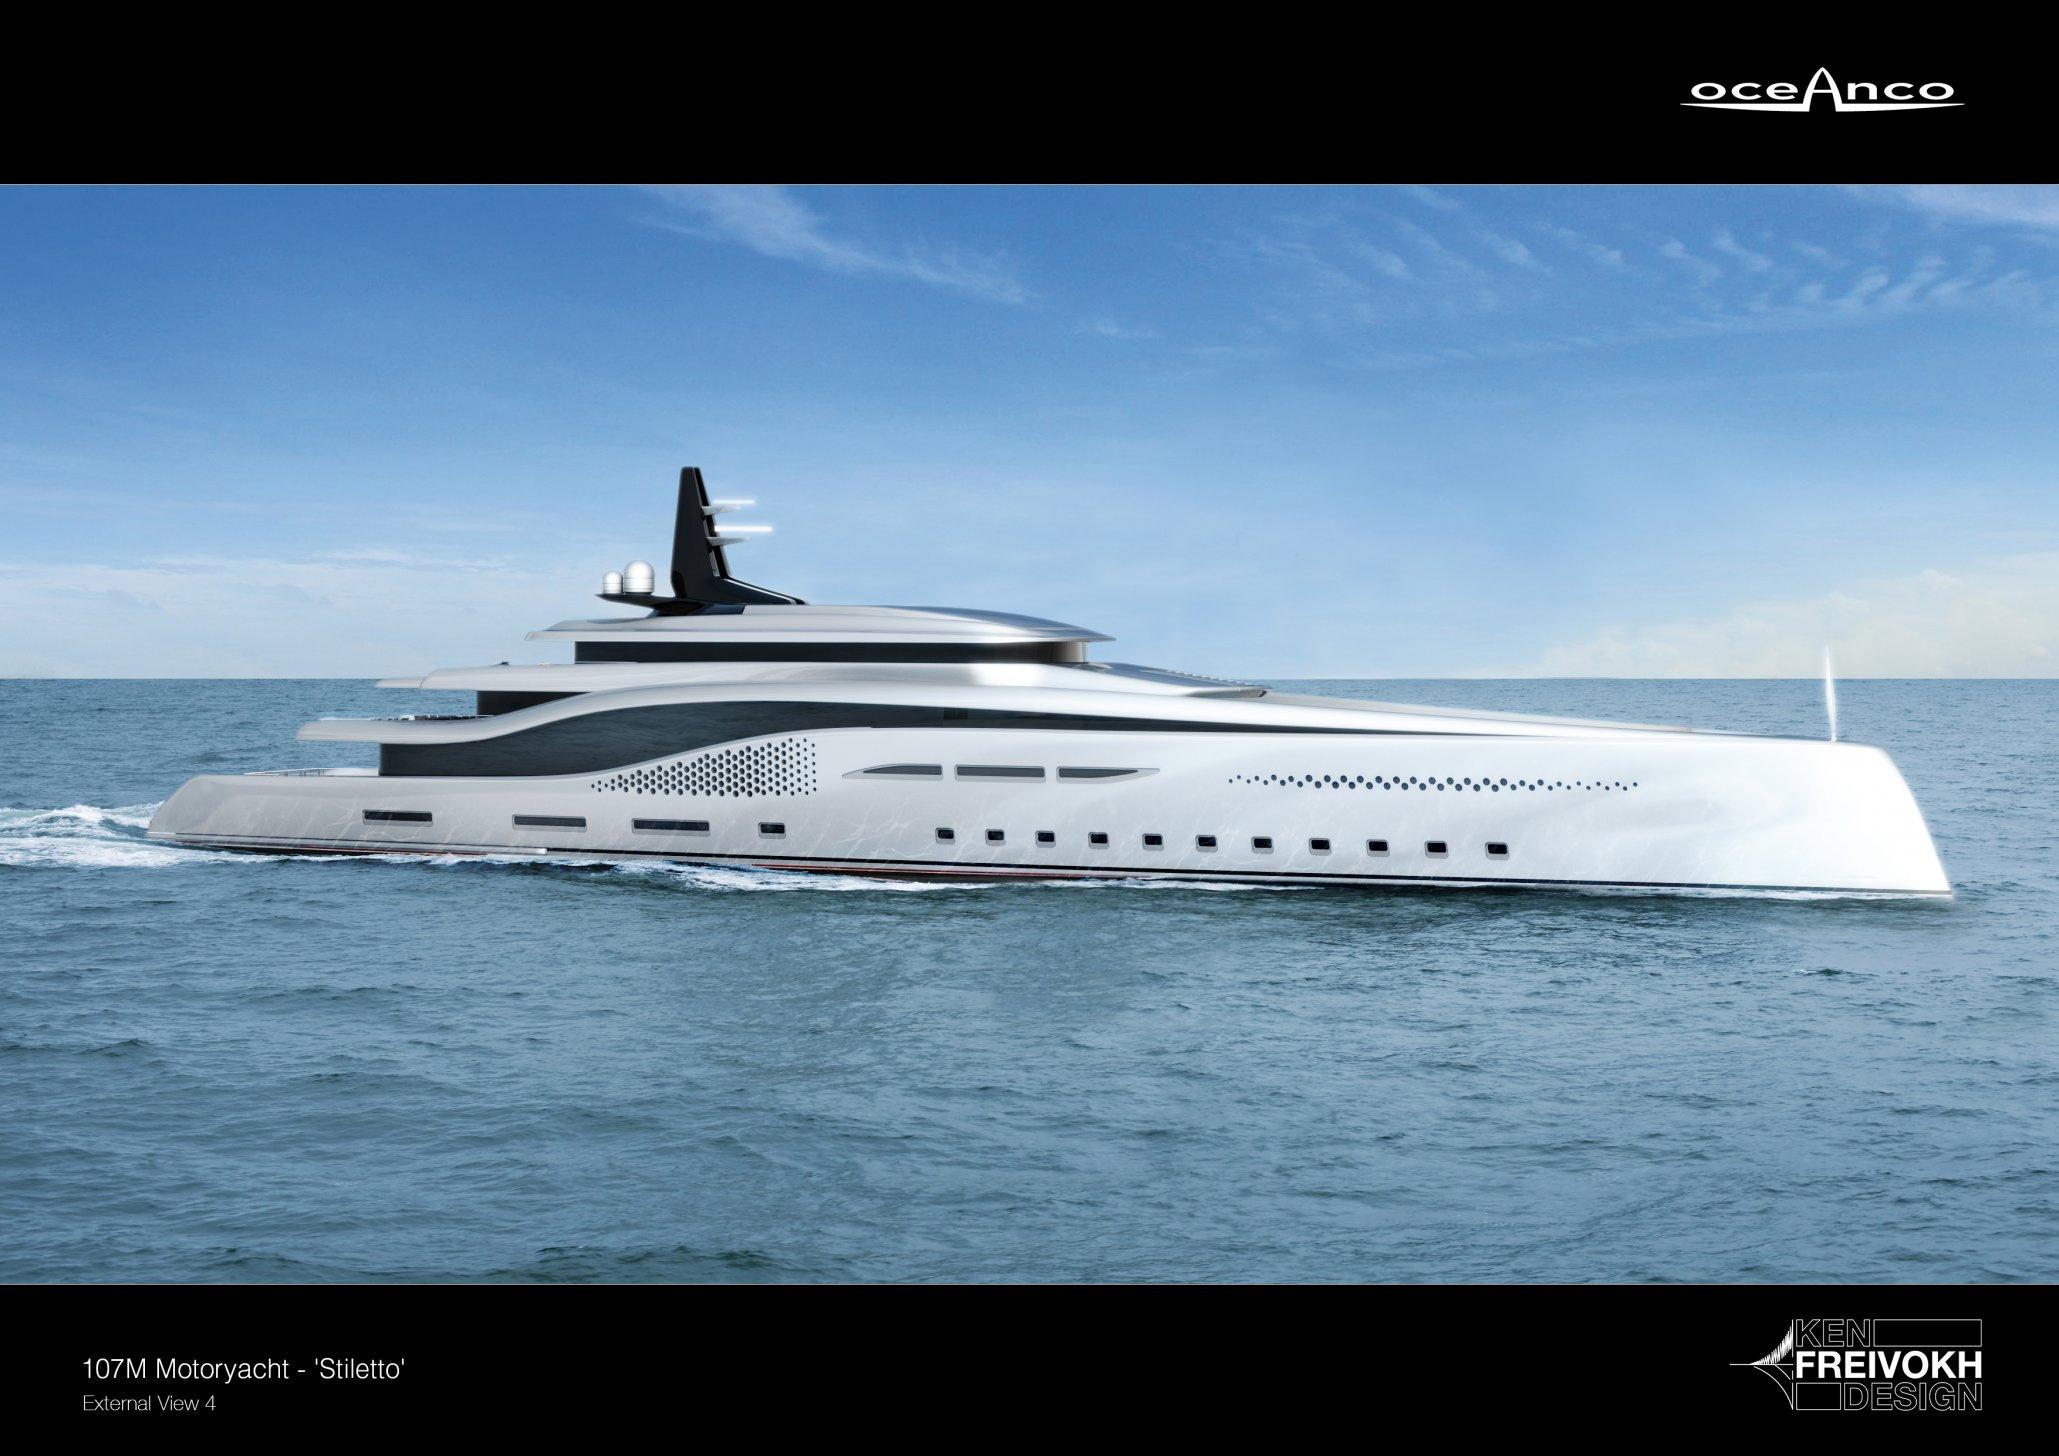 Oceanco Stiletto – nová 107m dlouhá super jachta